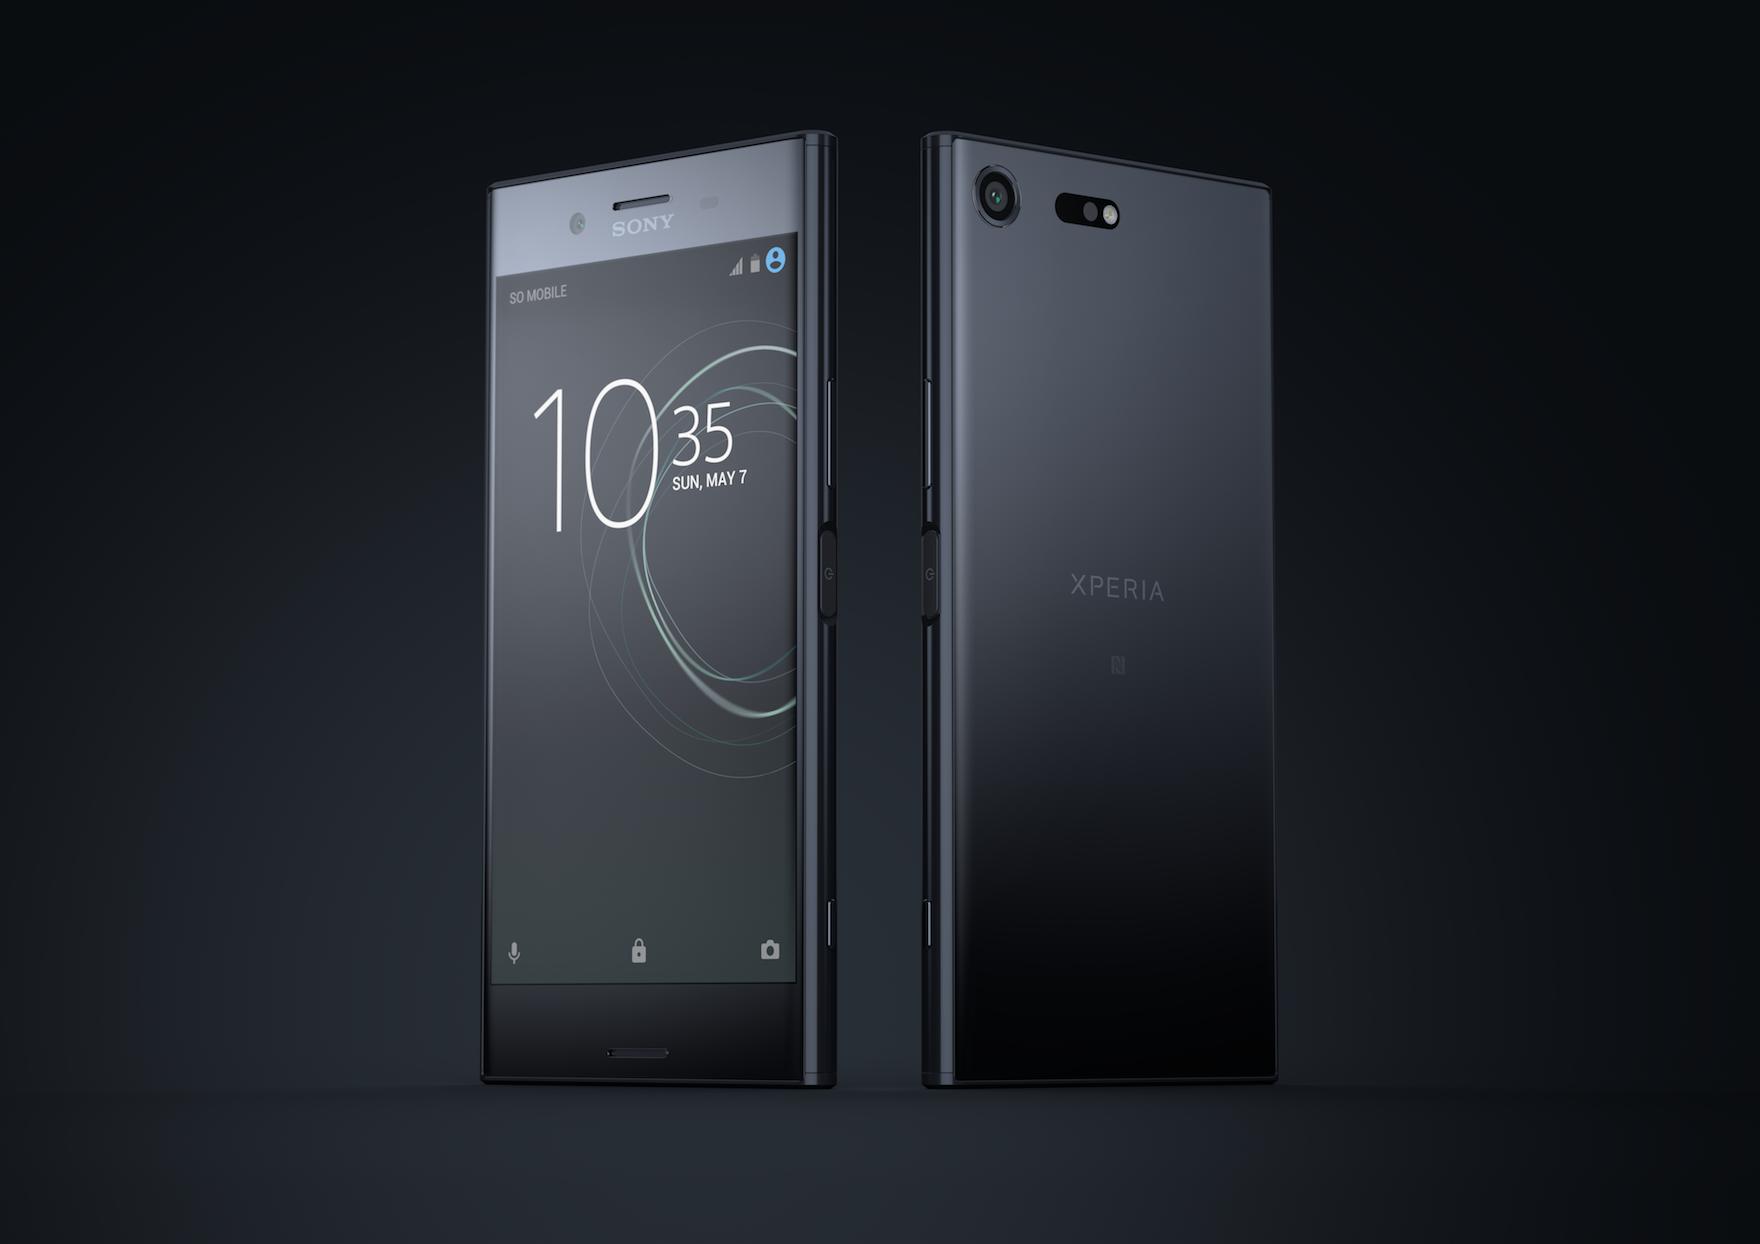 Xperia XZ Premium رونمایی شد؛ شگفتانگیزِ سونی با قابلیت ویدیوی با حرکت بسیار آهسته برای نخستینبار در یک تلفن هوشمند